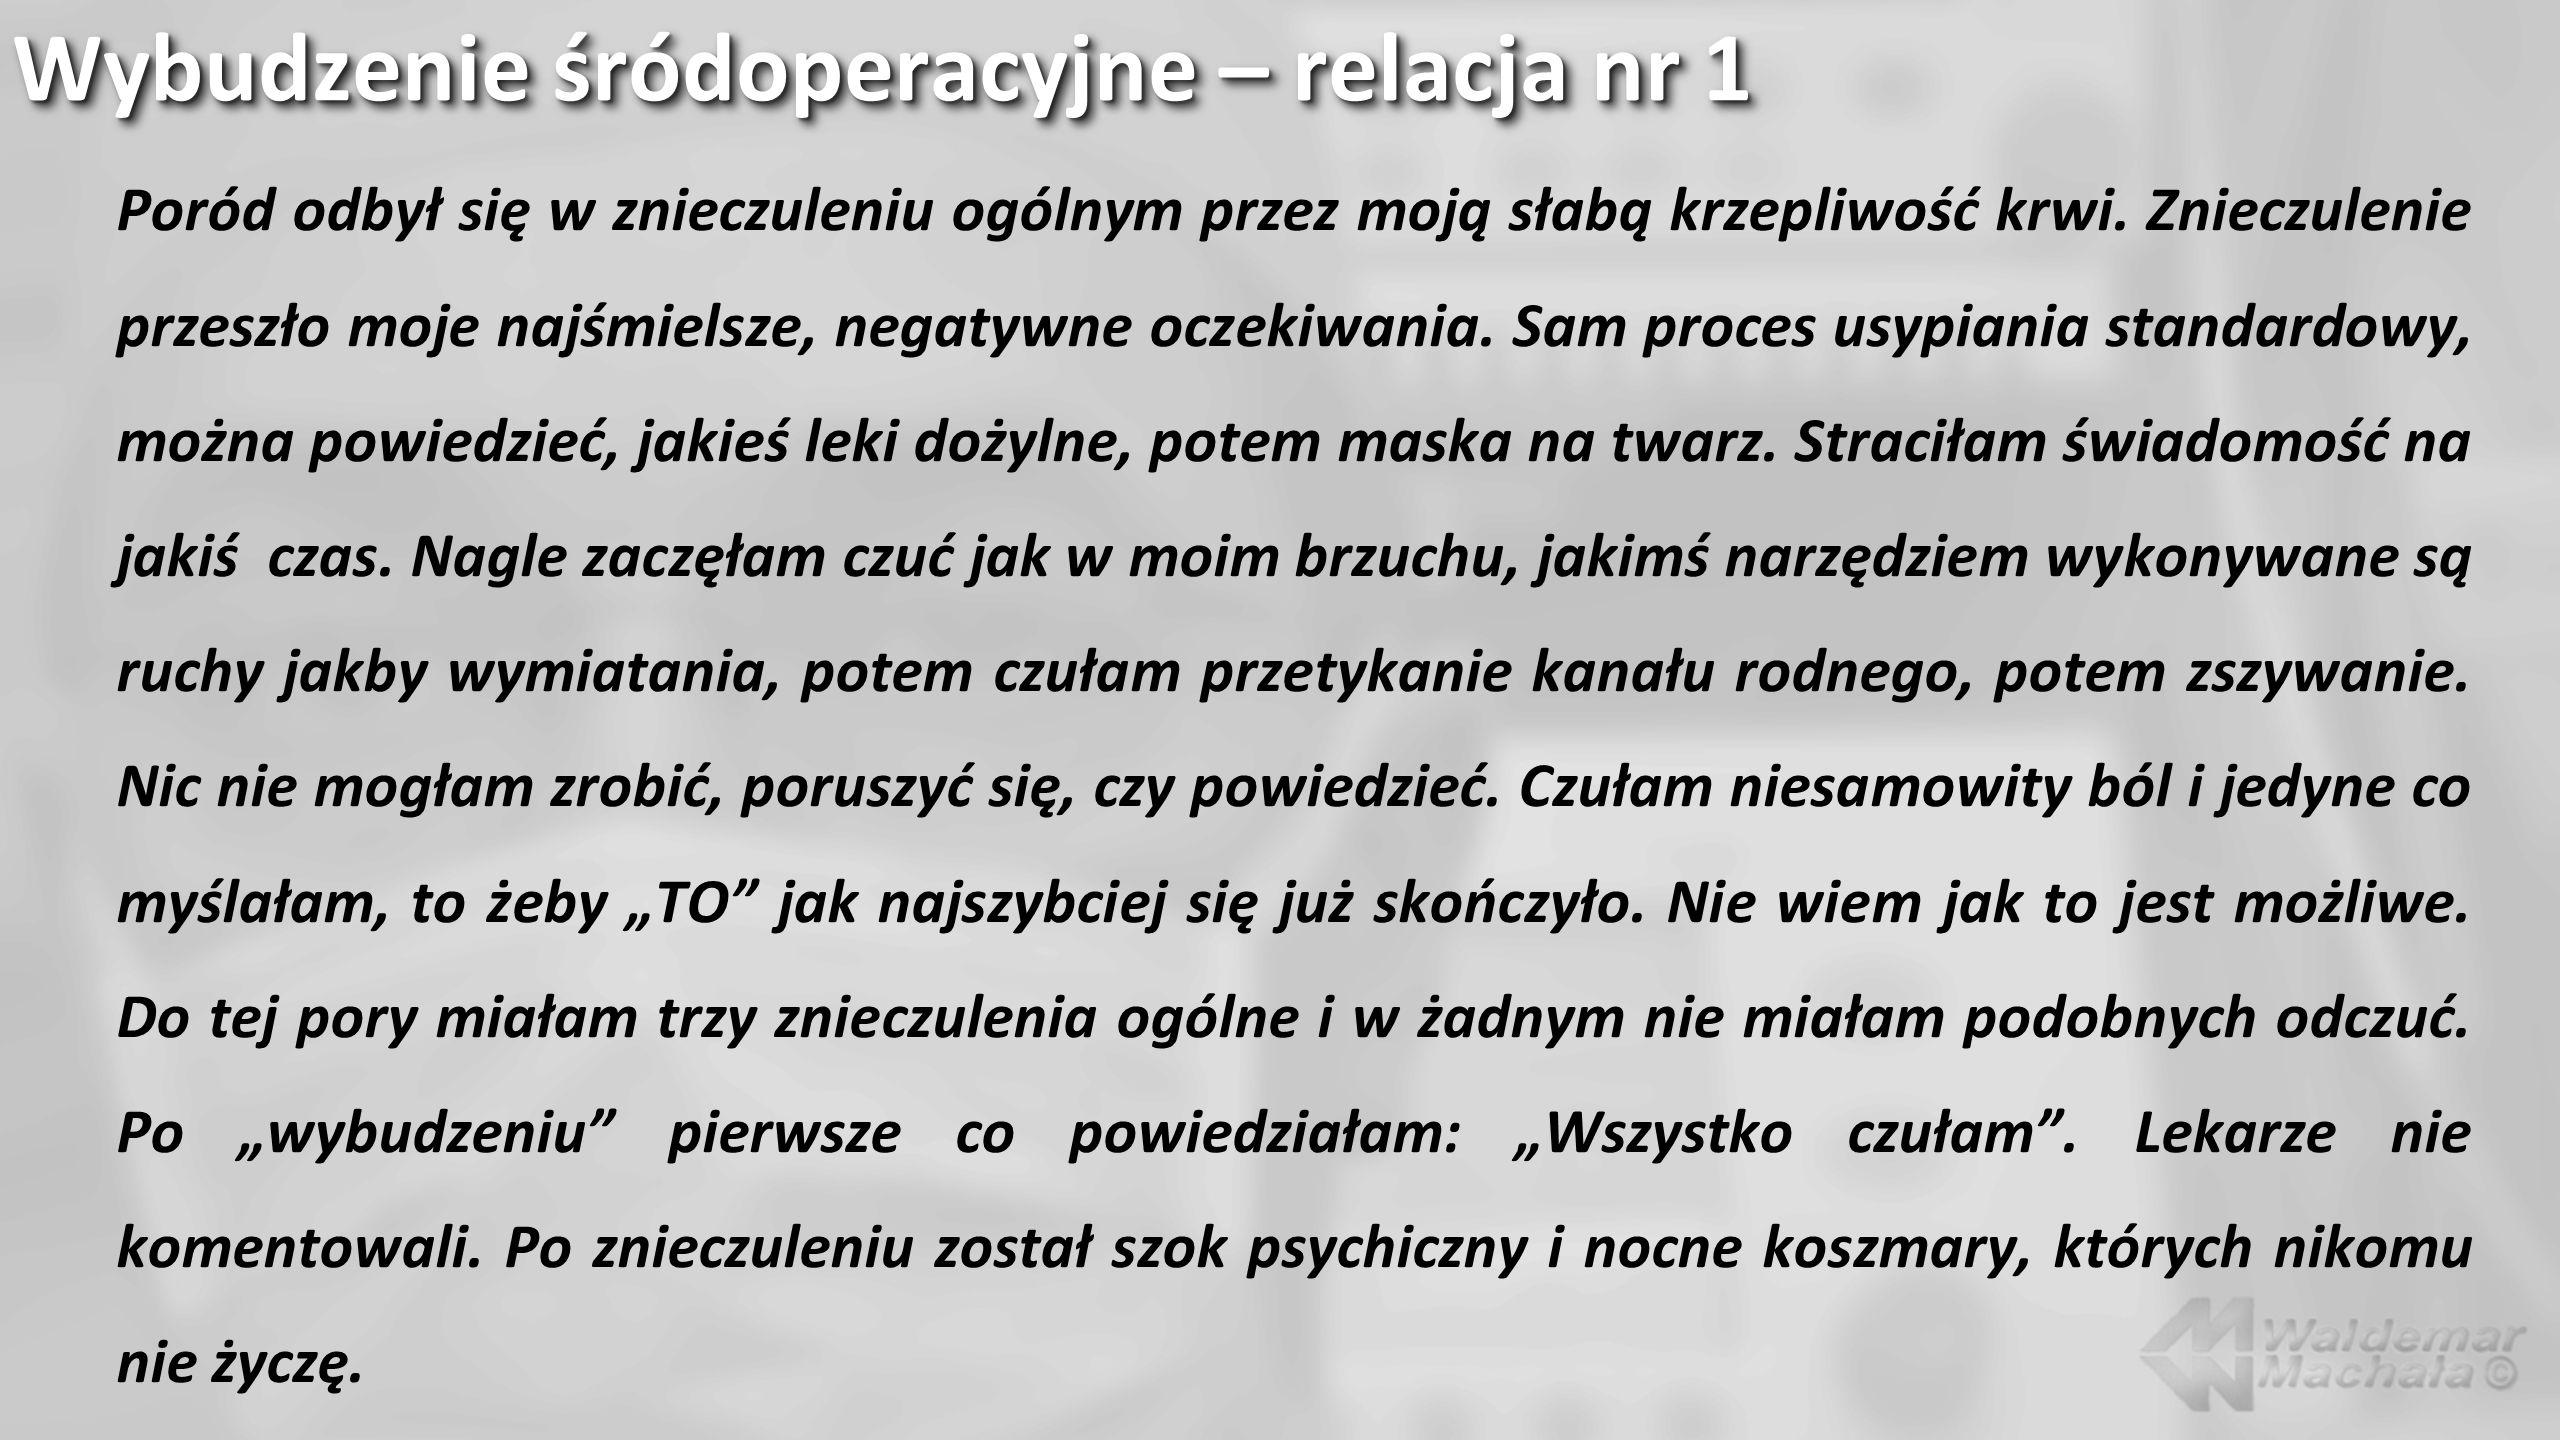 Po zakończeniu znieczulenia: Jeżeli są przesłanki, że chory się obudził w czasie znieczulenia: Nie udawać, że nic się nie stało.